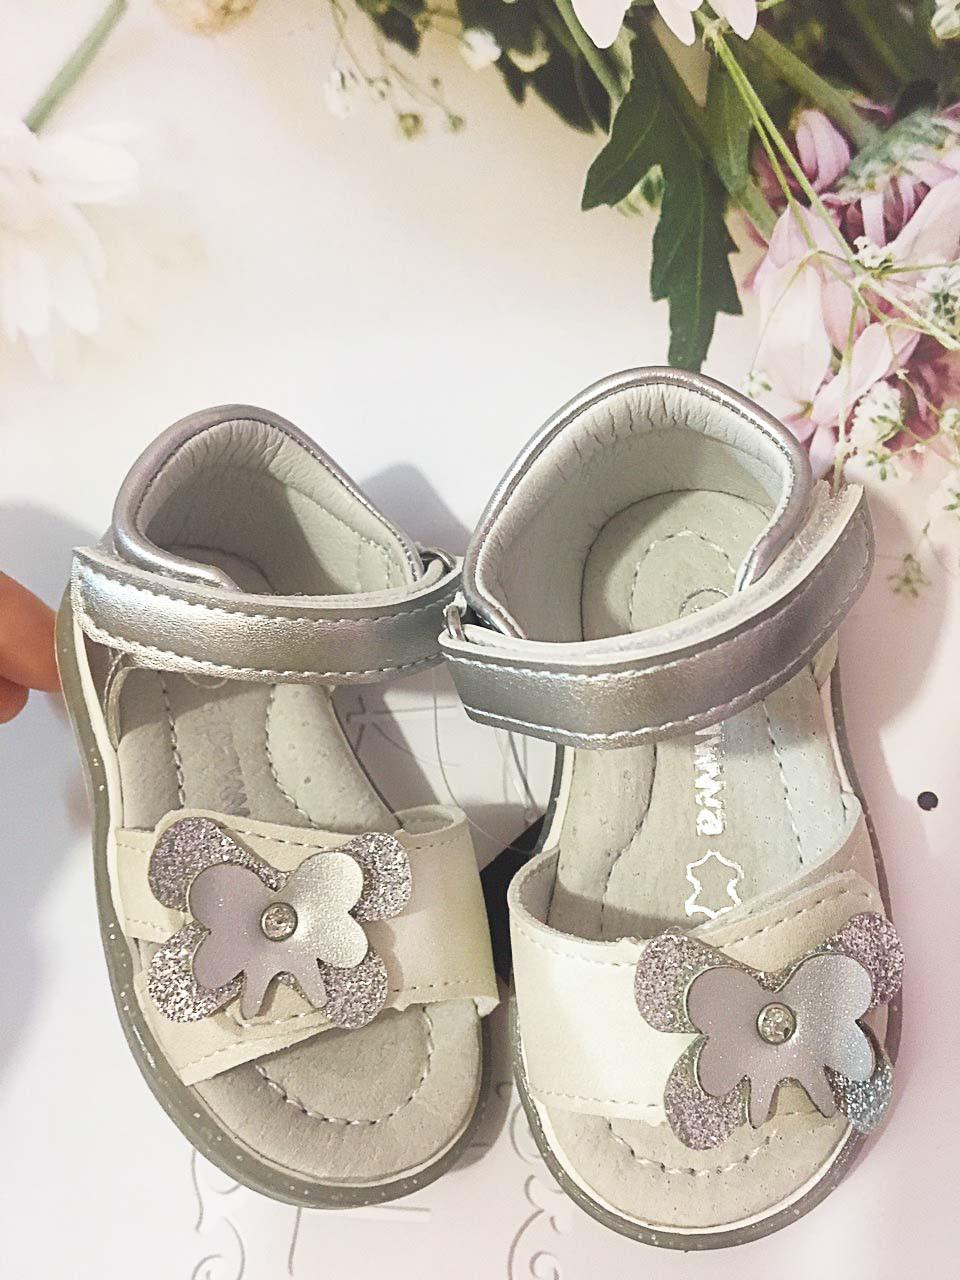 Детские   босоножки, сандалии Apawwa для девочки,размеры 18-21-22-23 (белые/серебро)